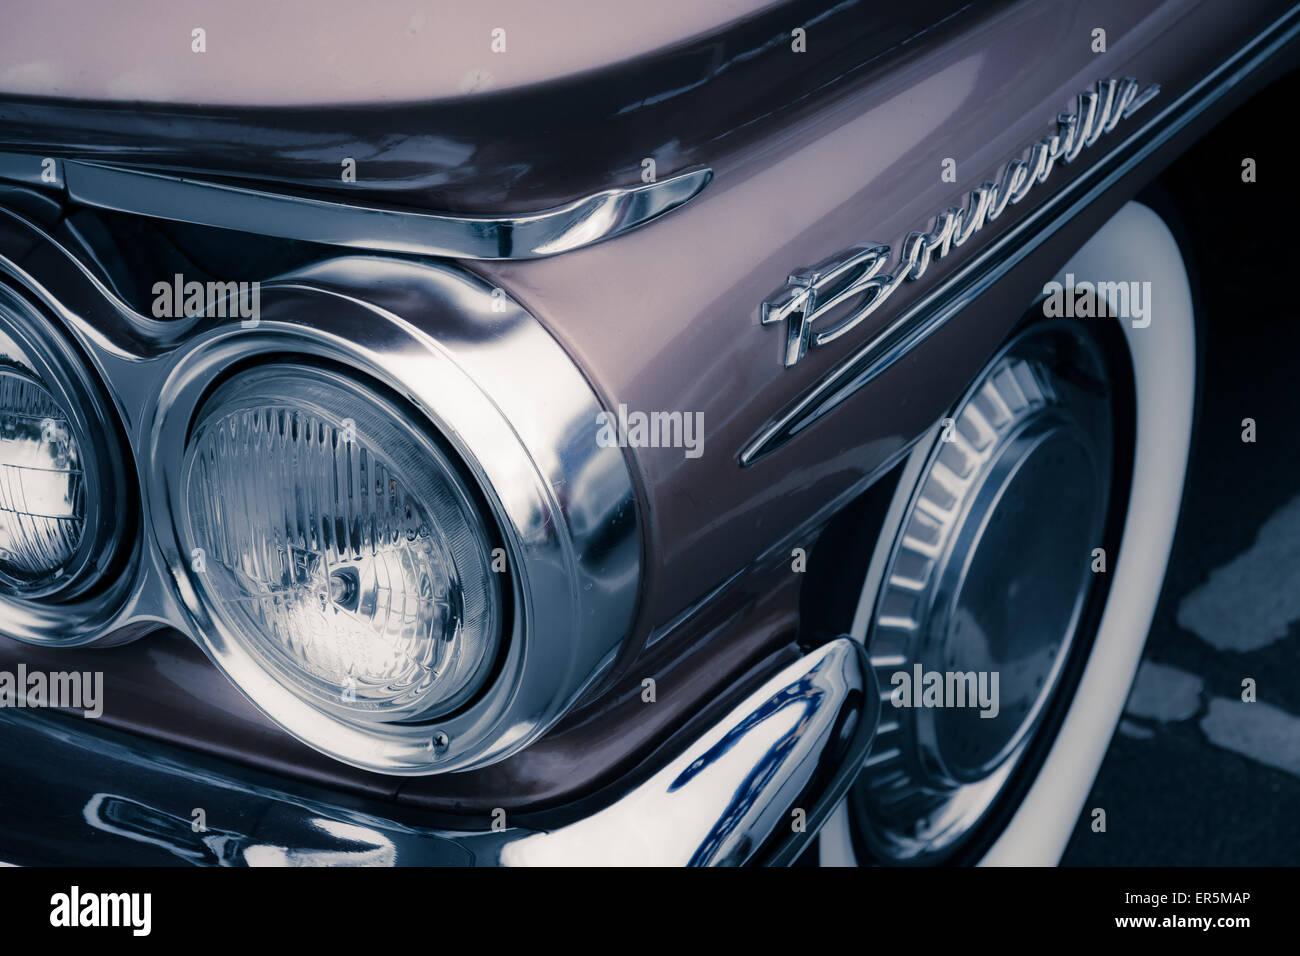 Antique Pontiac Car Symbol Logo Stock Photos Antique Pontiac Car